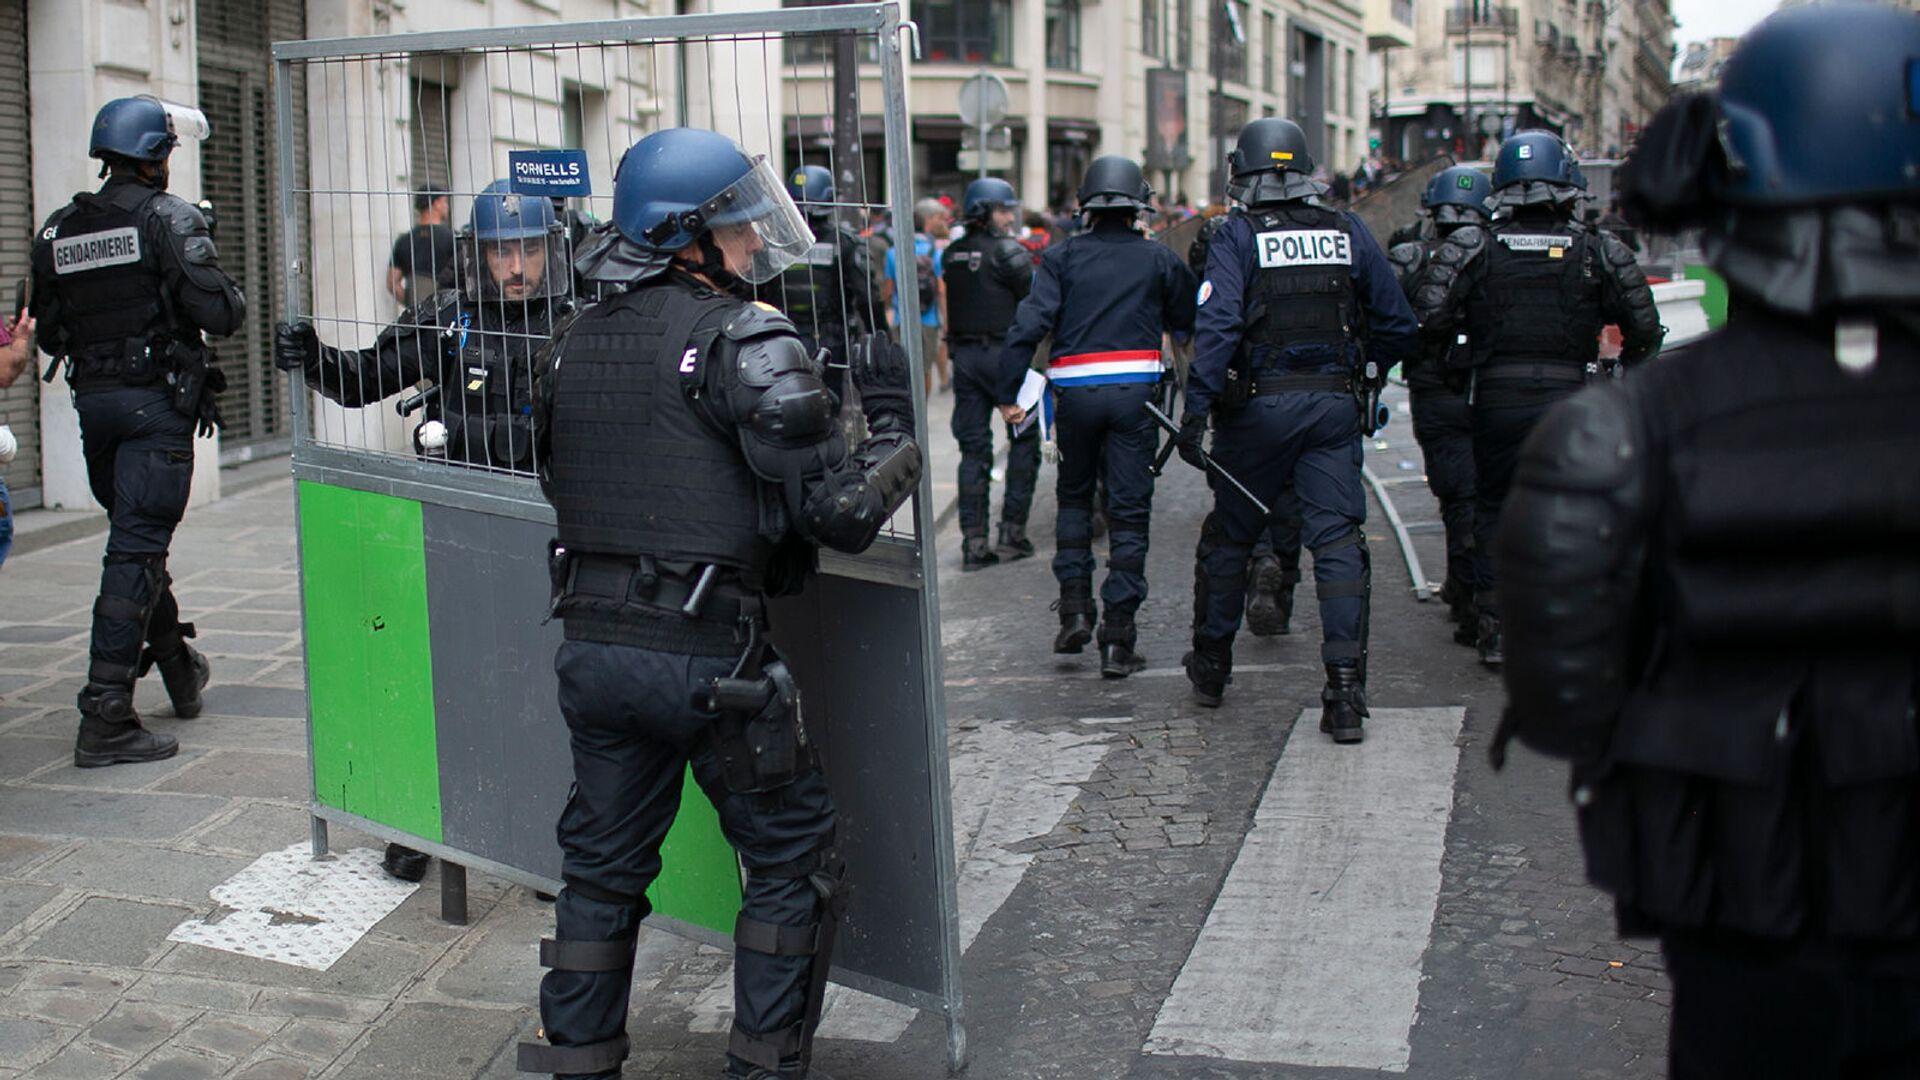 Сотрудники полиции преследуют демонстрантов после парада в День взятия Бастилии (14 июля 2019). Париж - Sputnik Армения, 1920, 18.09.2021